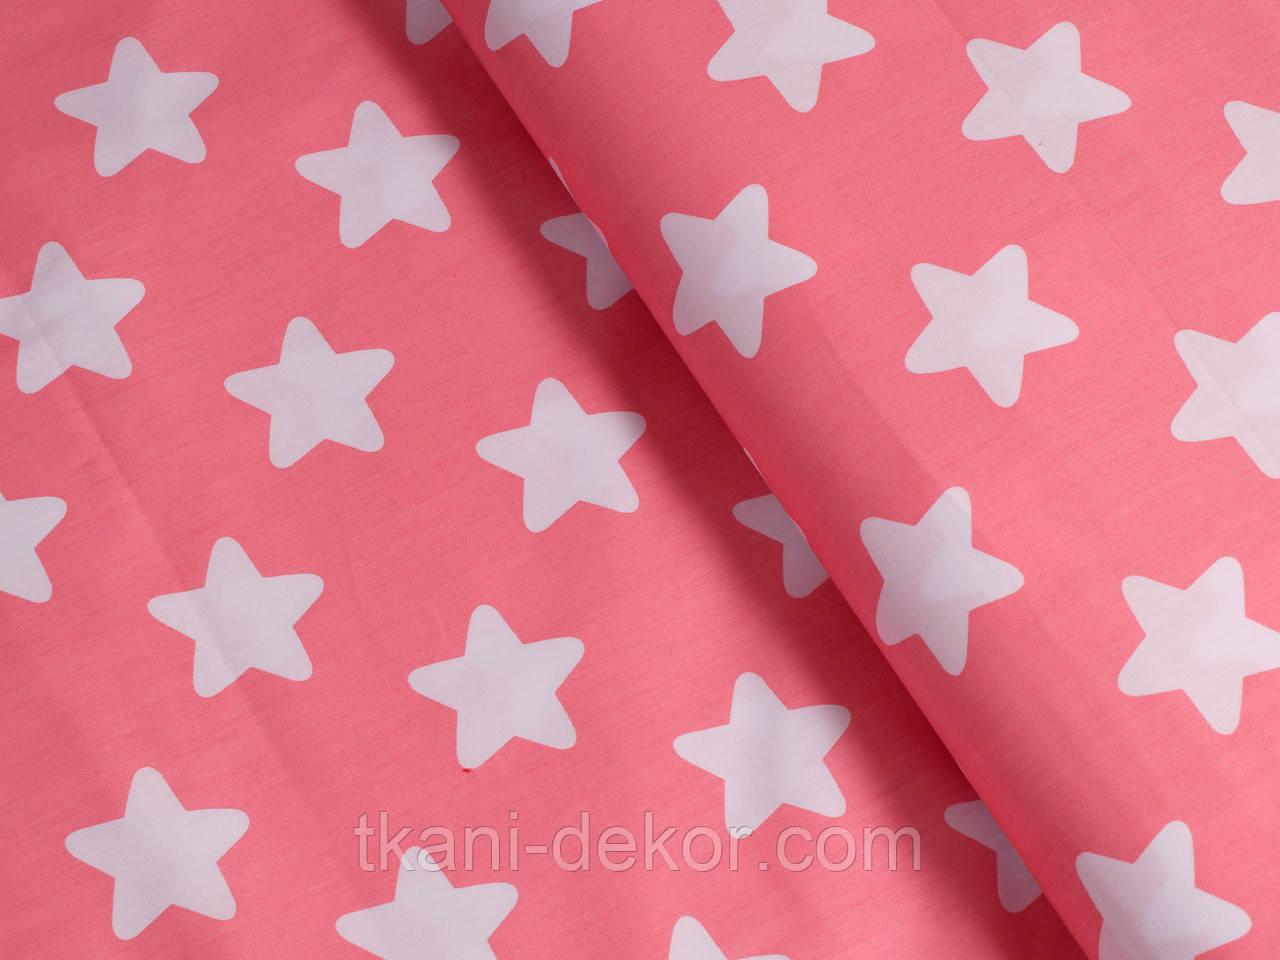 Сатин (хлопковая ткань) на персике звезды